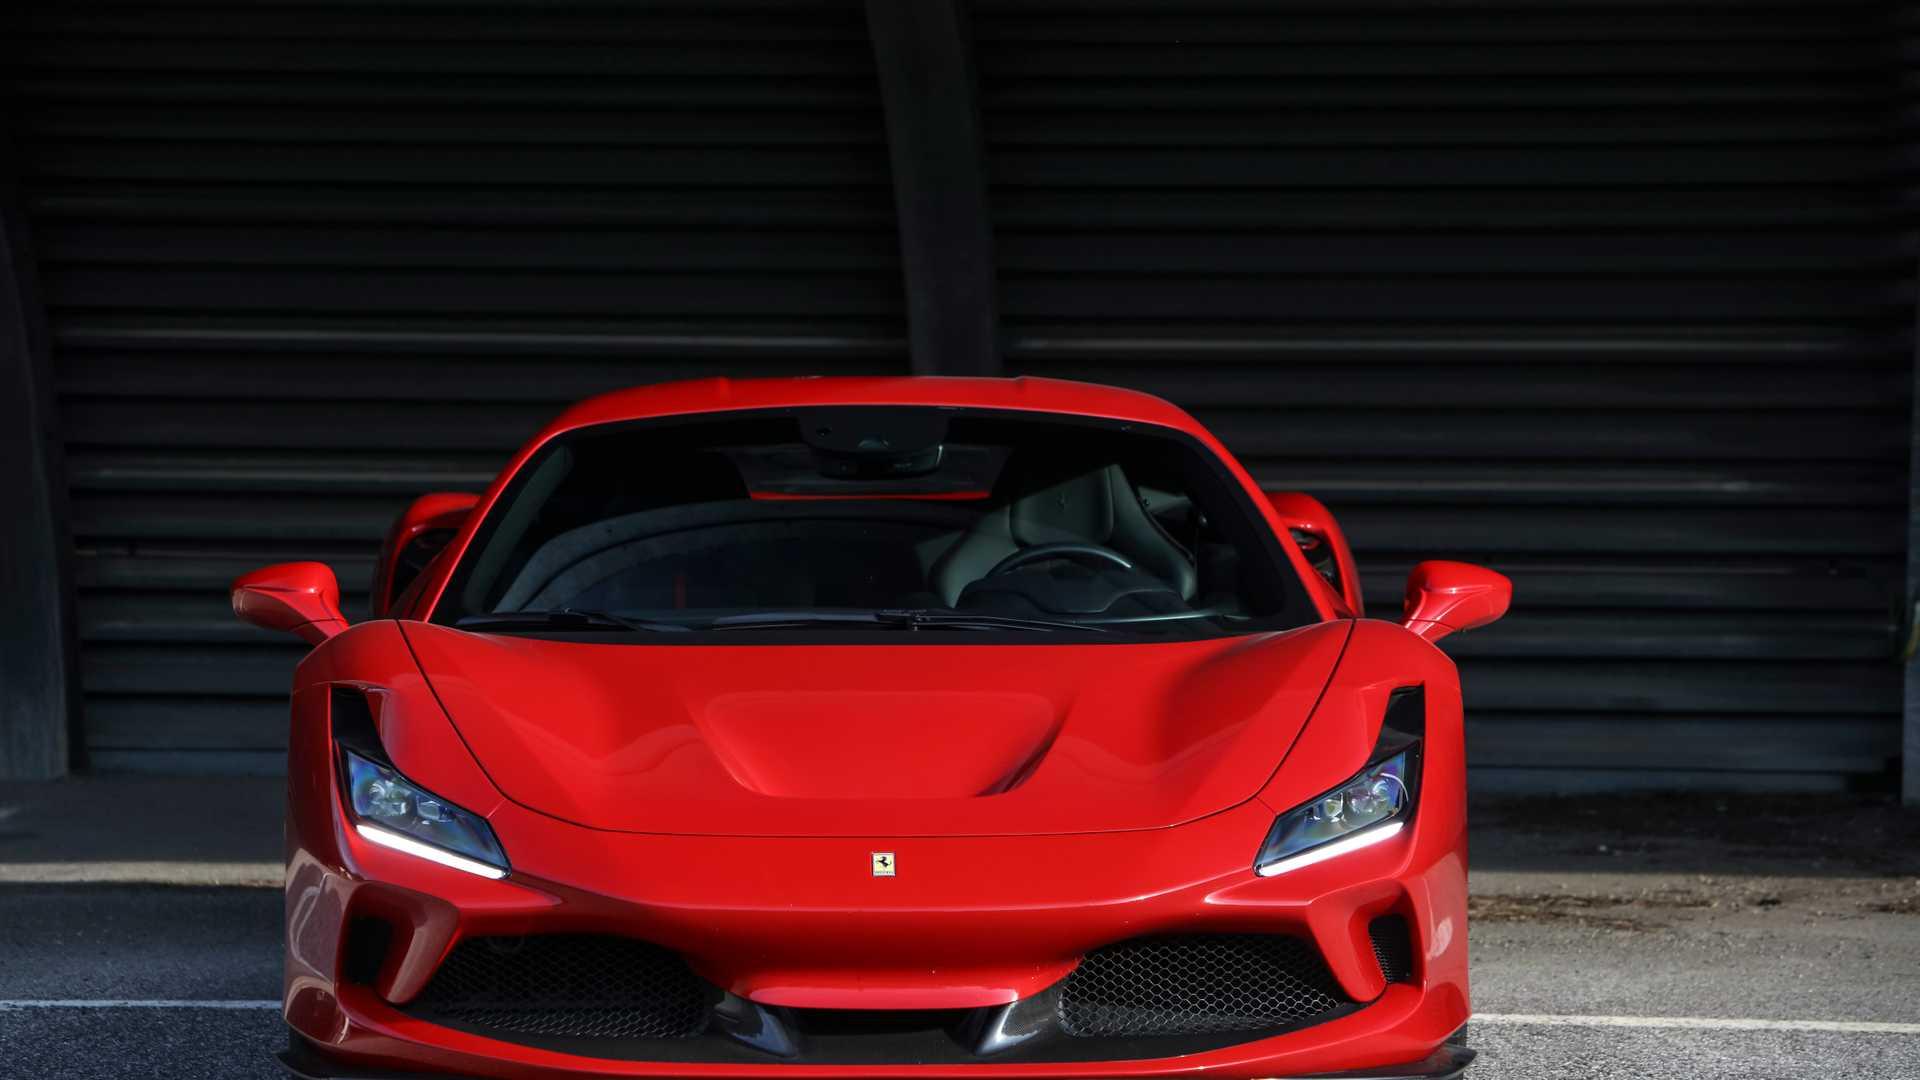 Ferrari F8 Tributo Wallpapers Wallpaper Cave